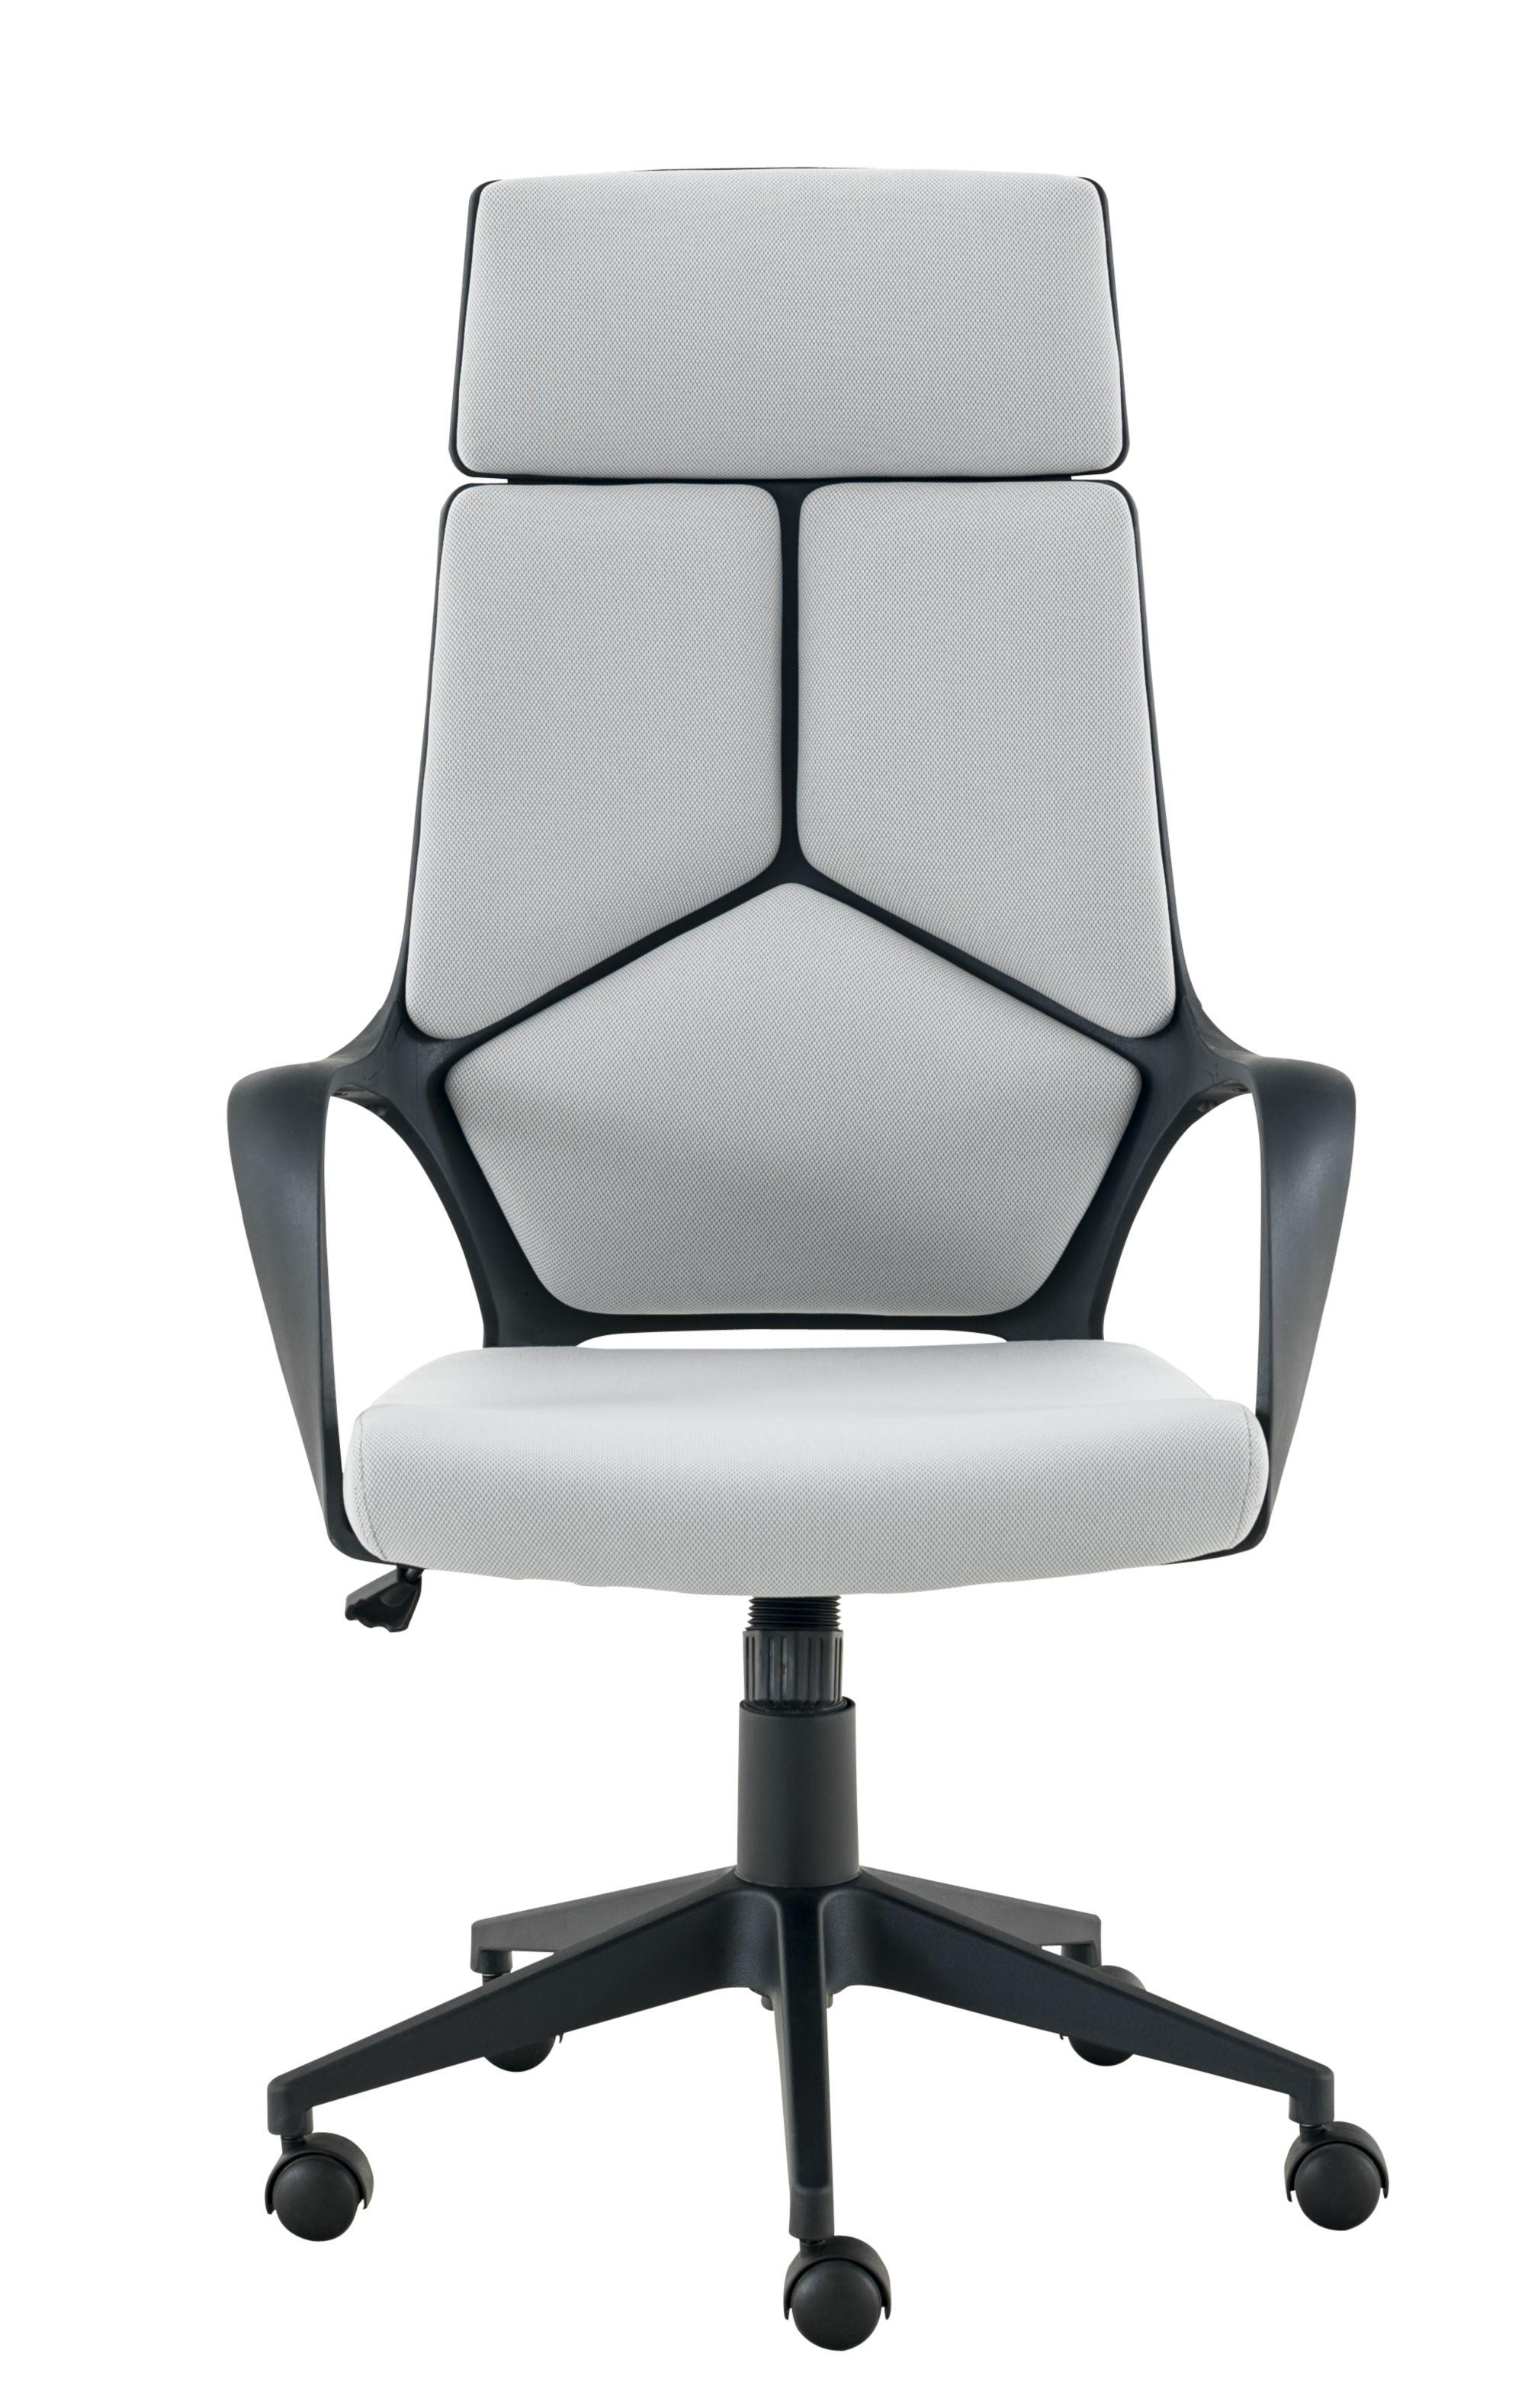 Fauteuil de bureau structure en polypropylene garnissage assise mou